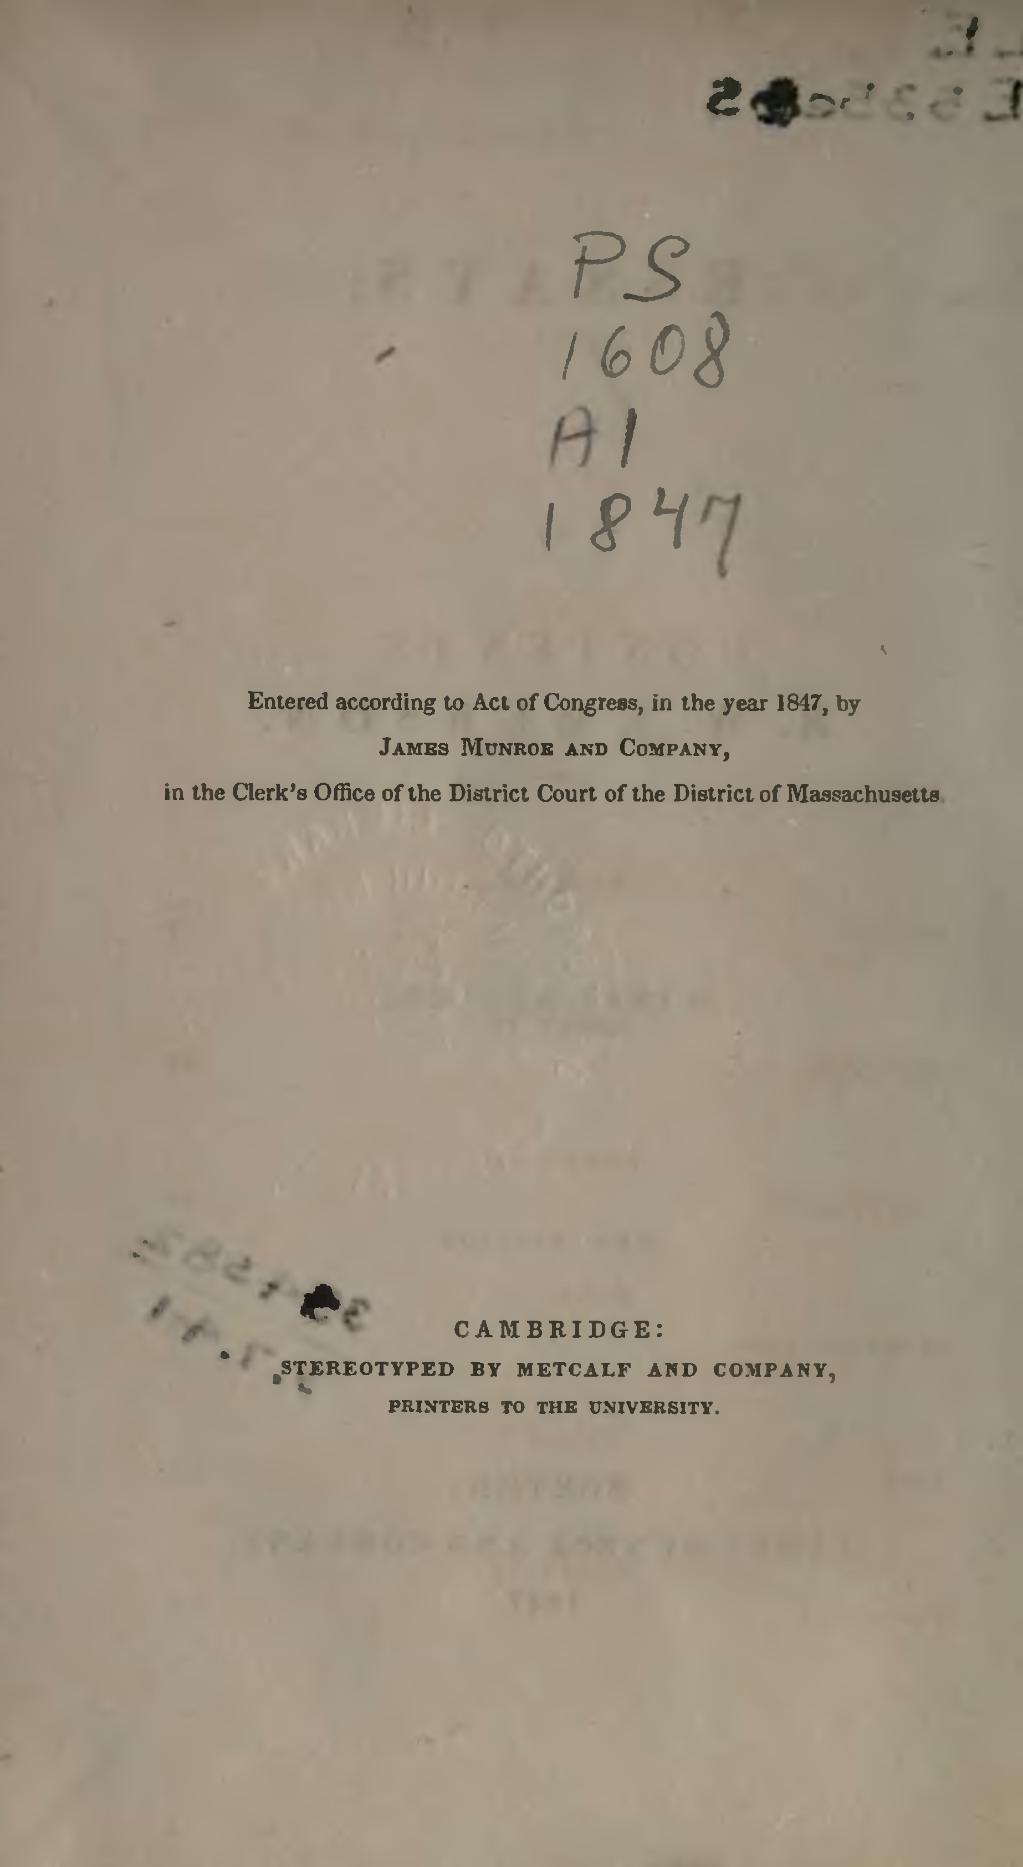 014 Essays First Series Page10 1024px Essays2c 28184729 Djvu Essay Stunning In Zen Buddhism Emerson's Value Full